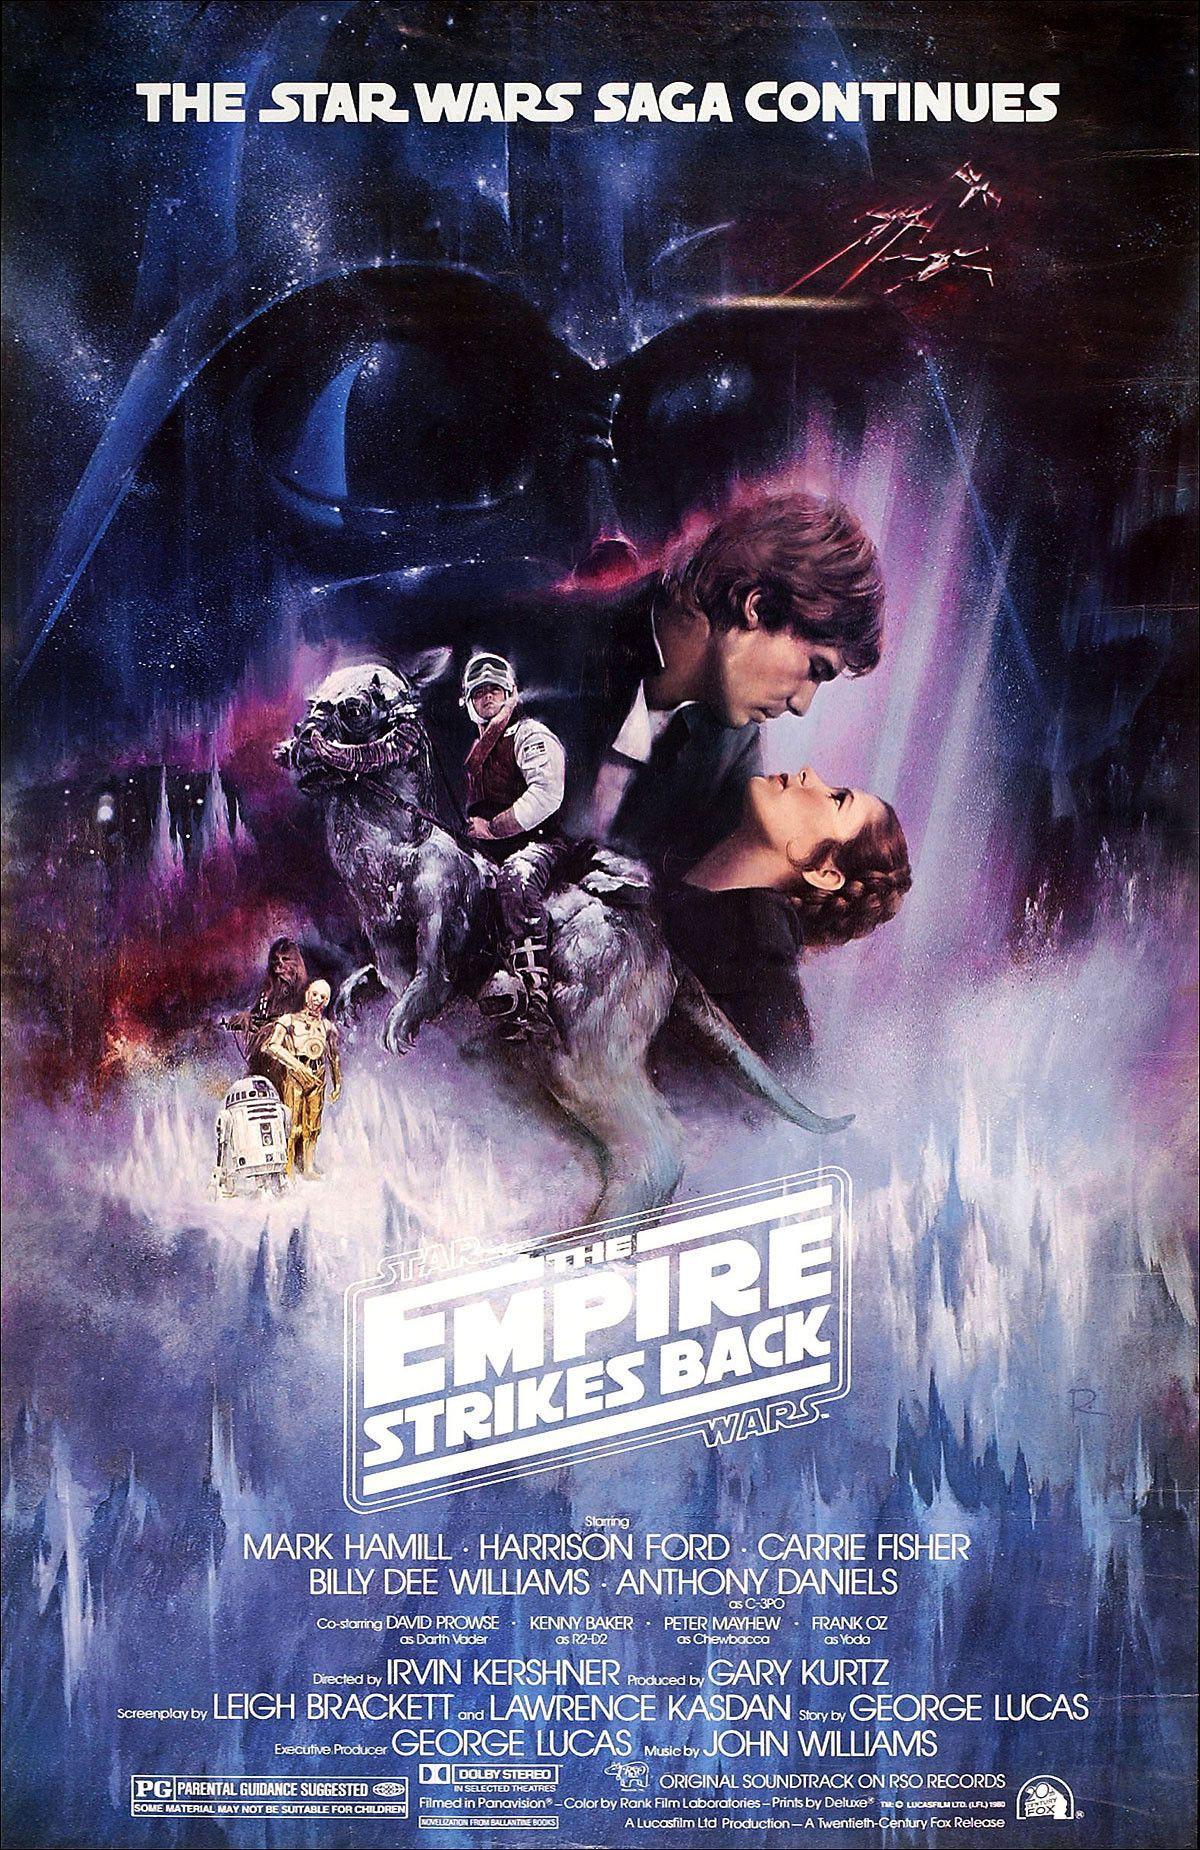 Star Wars The Empire Strikes Back Star Wars Episoden Kriegsfilme Star Wars Film